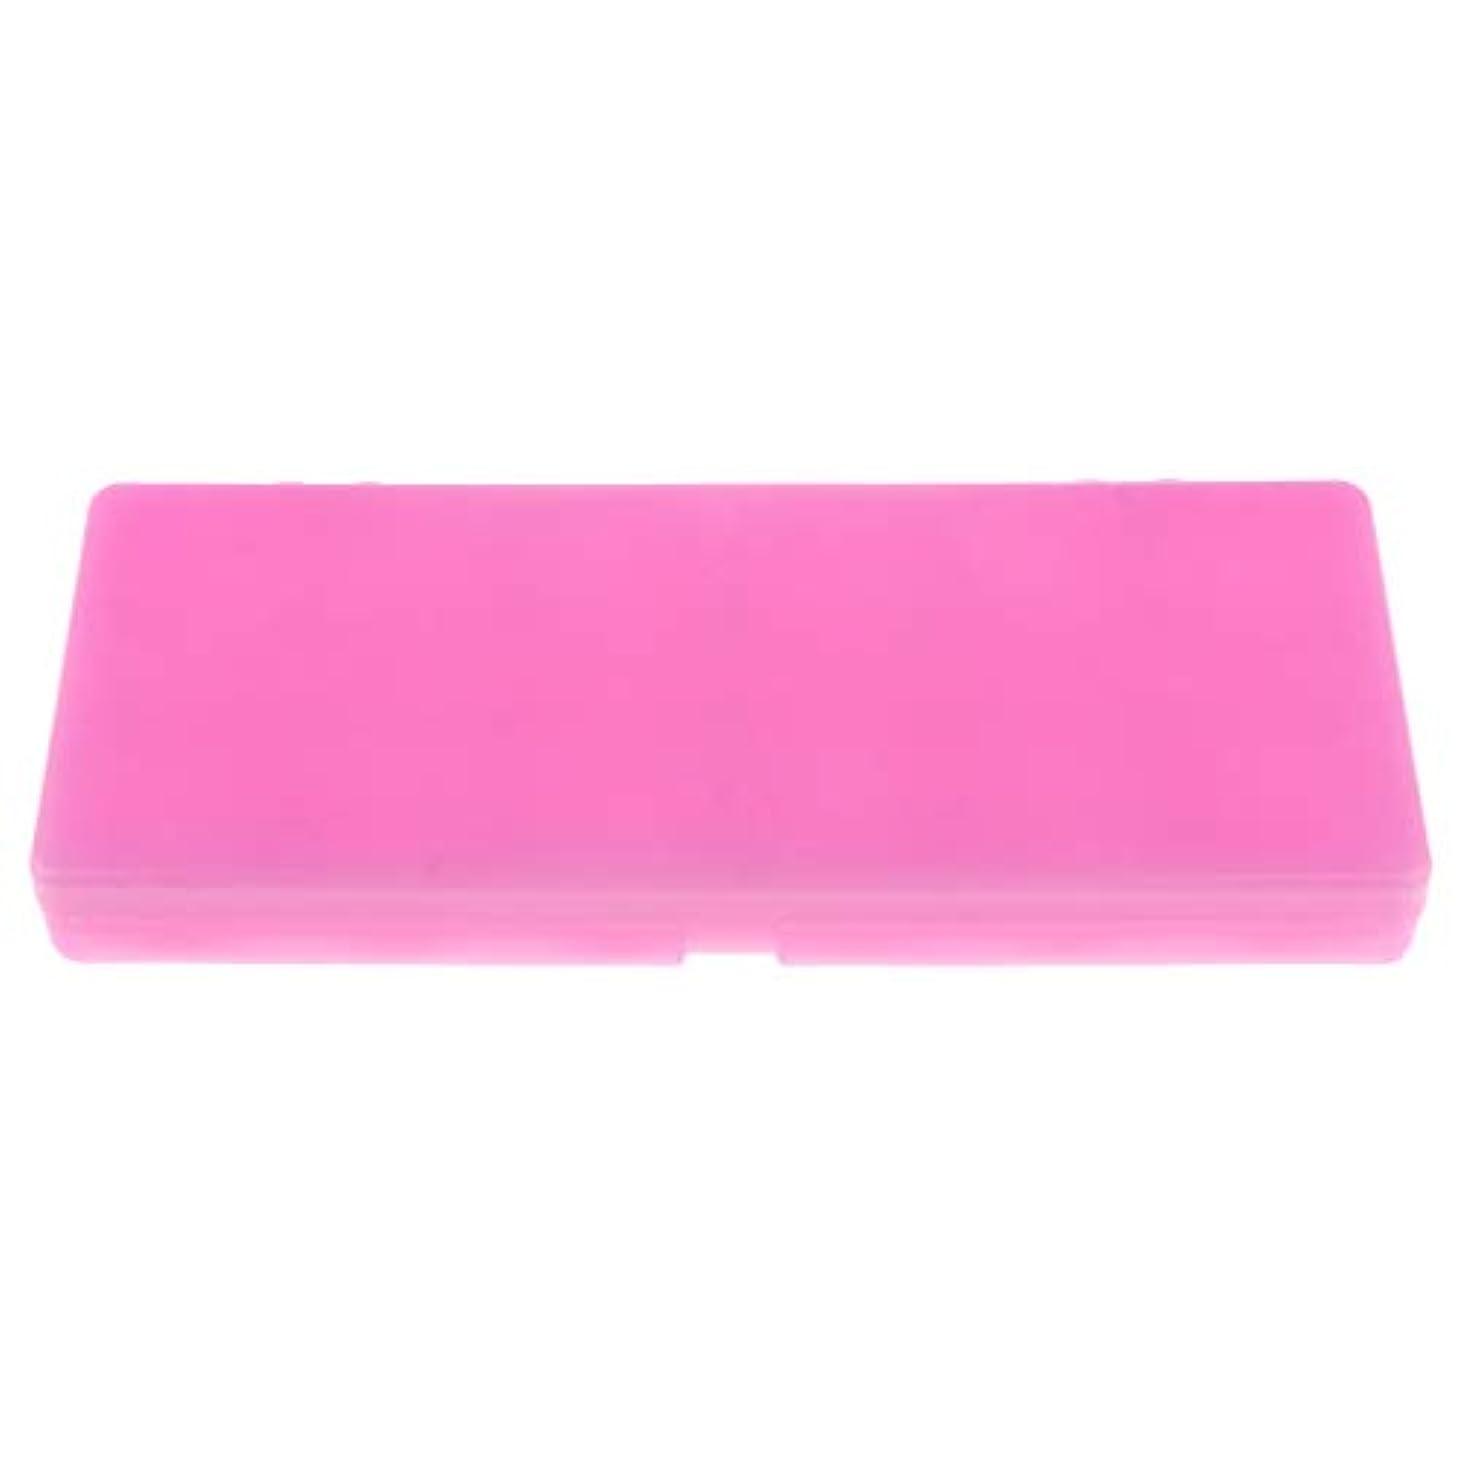 廃棄する磁石素晴らしさDYNWAVE 水彩画/ガッシュ/アクリルオイルペイント用 顔料パレット ネイルアート 化粧品 混合パレット 全3色 - ピンク